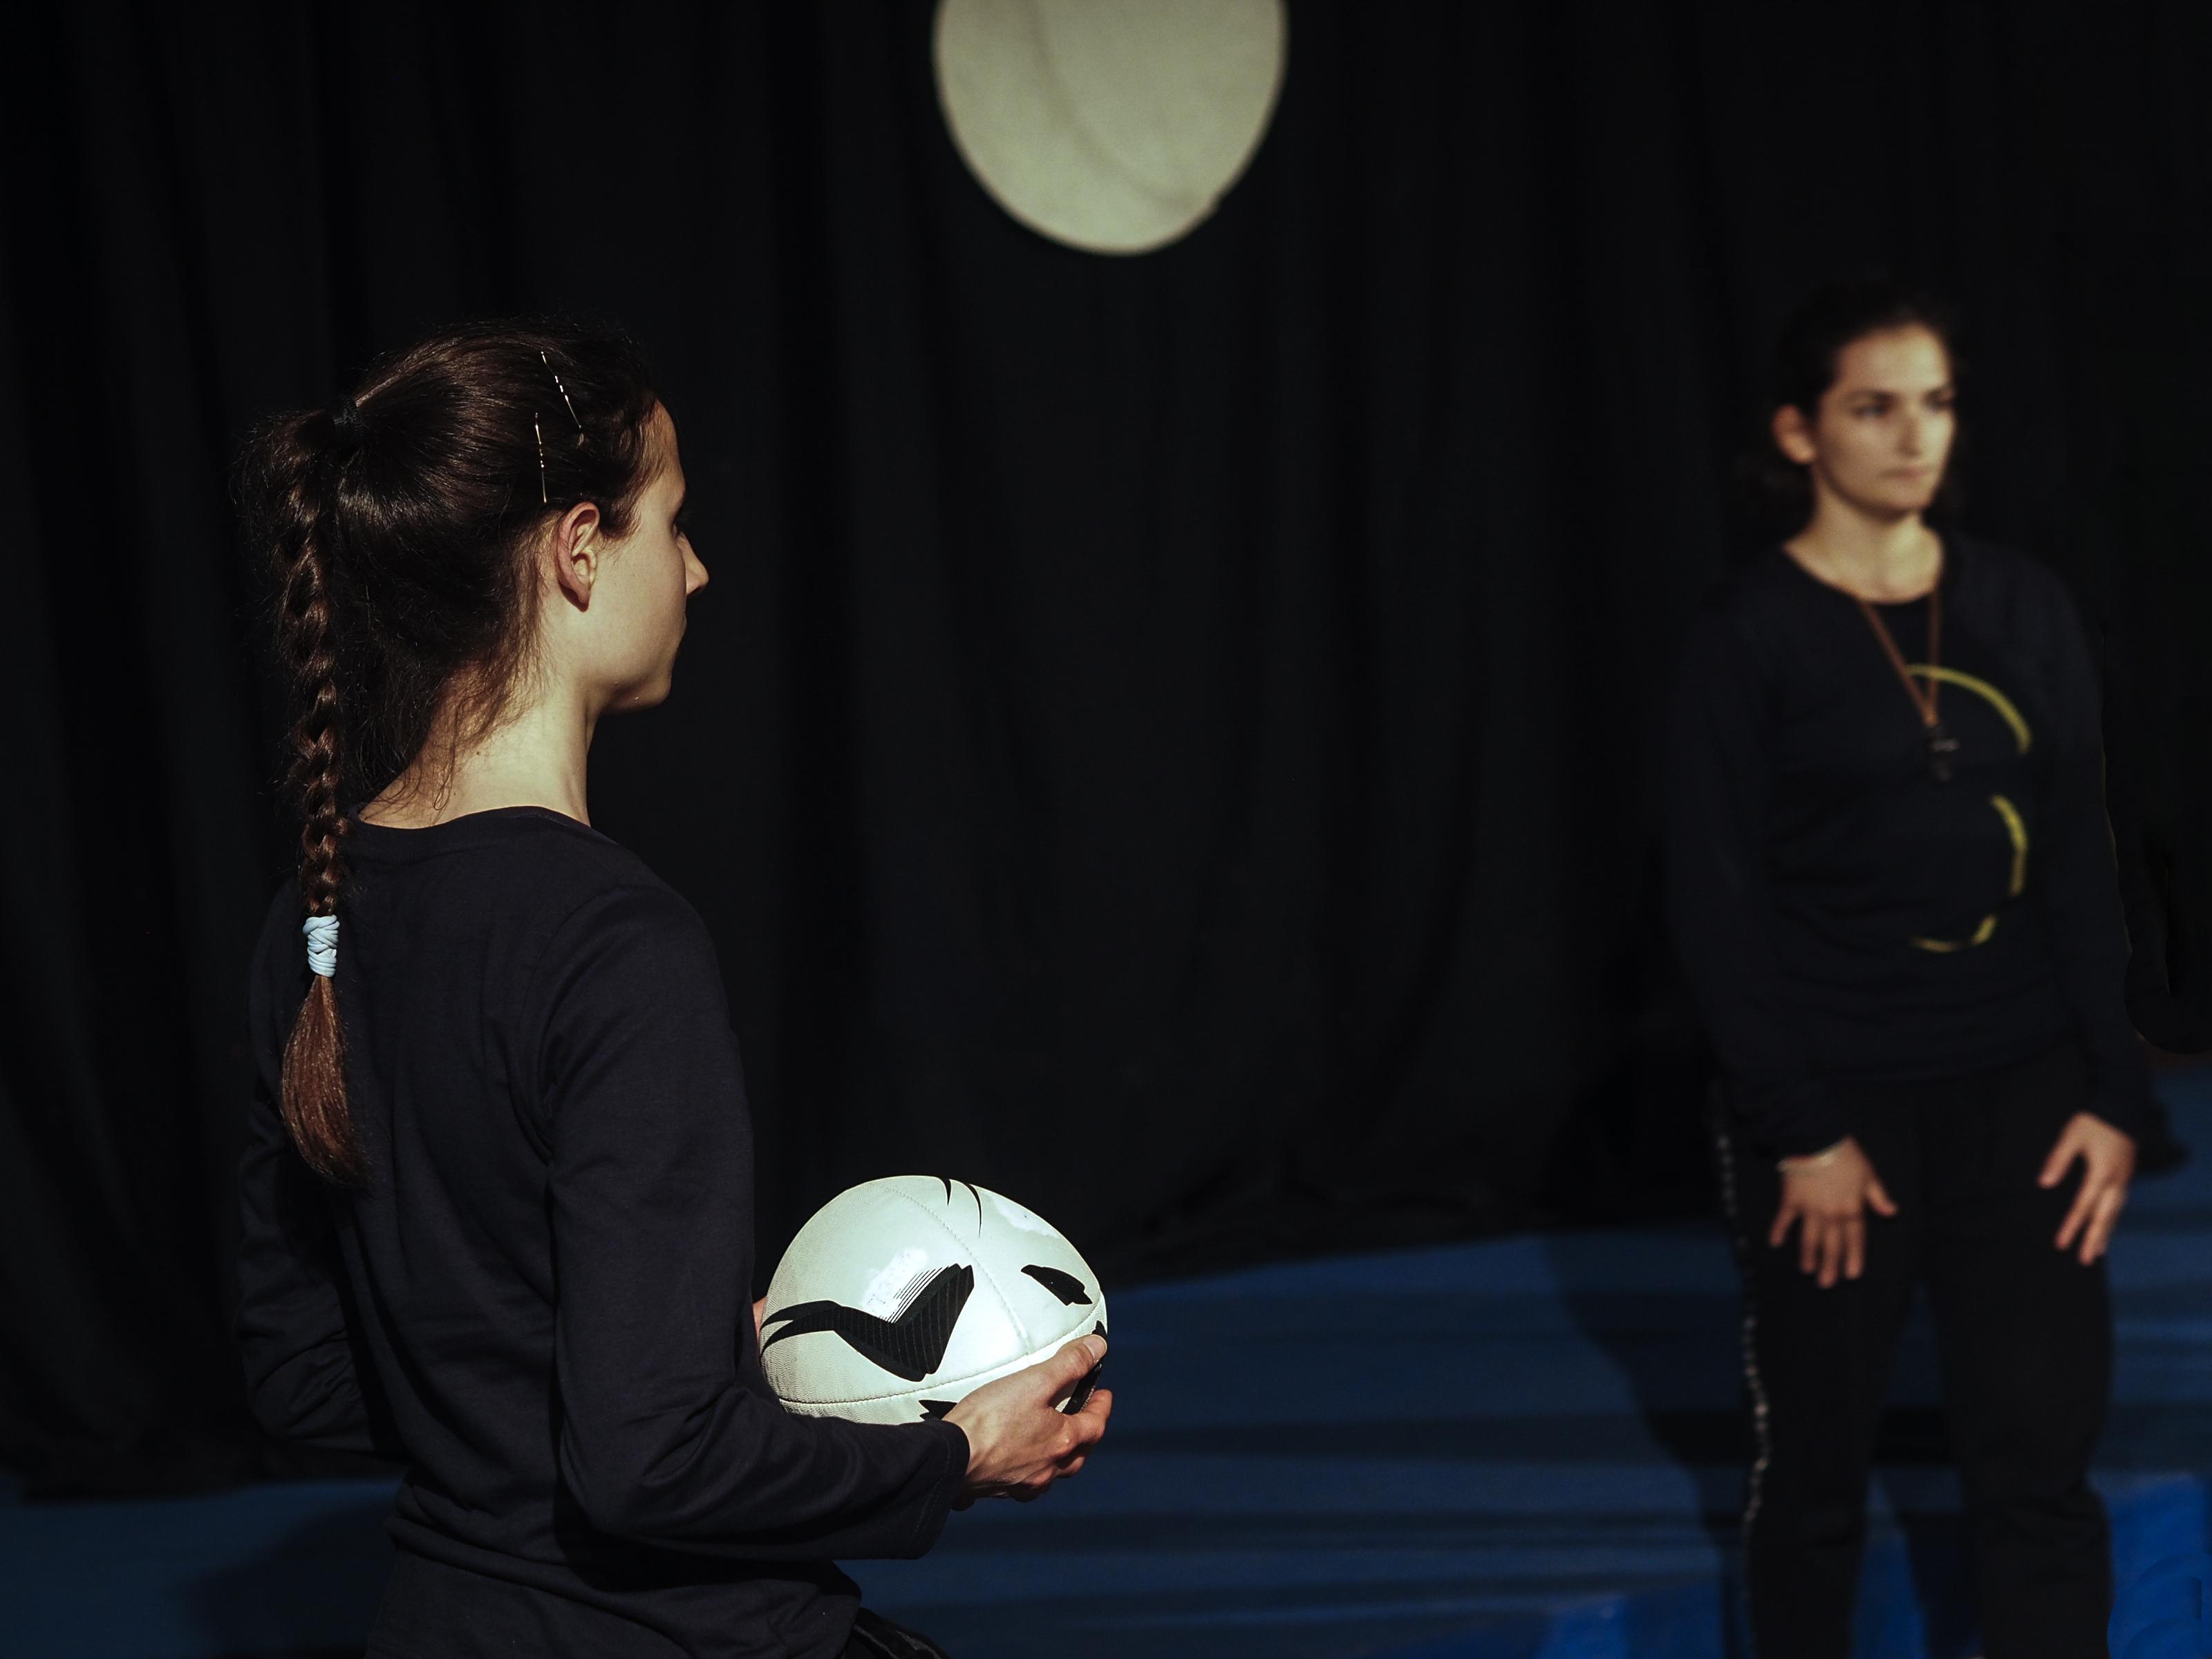 Teatro Universitario Aenigma